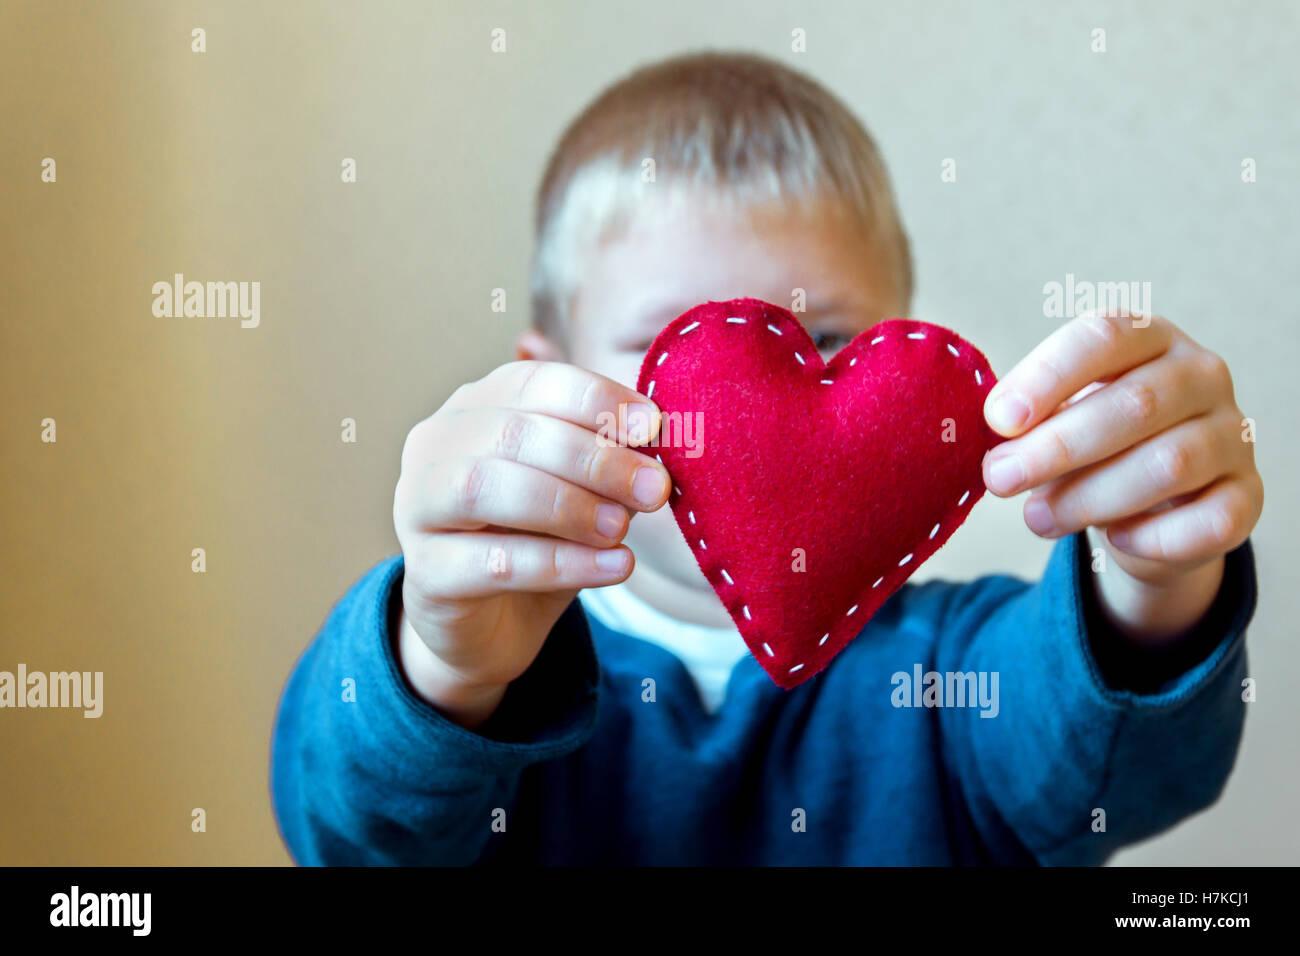 Cuore rosso nelle mani del bambino, fatto a mano regalo, il giorno di san valentino, di bontà e di amore familiare Immagini Stock